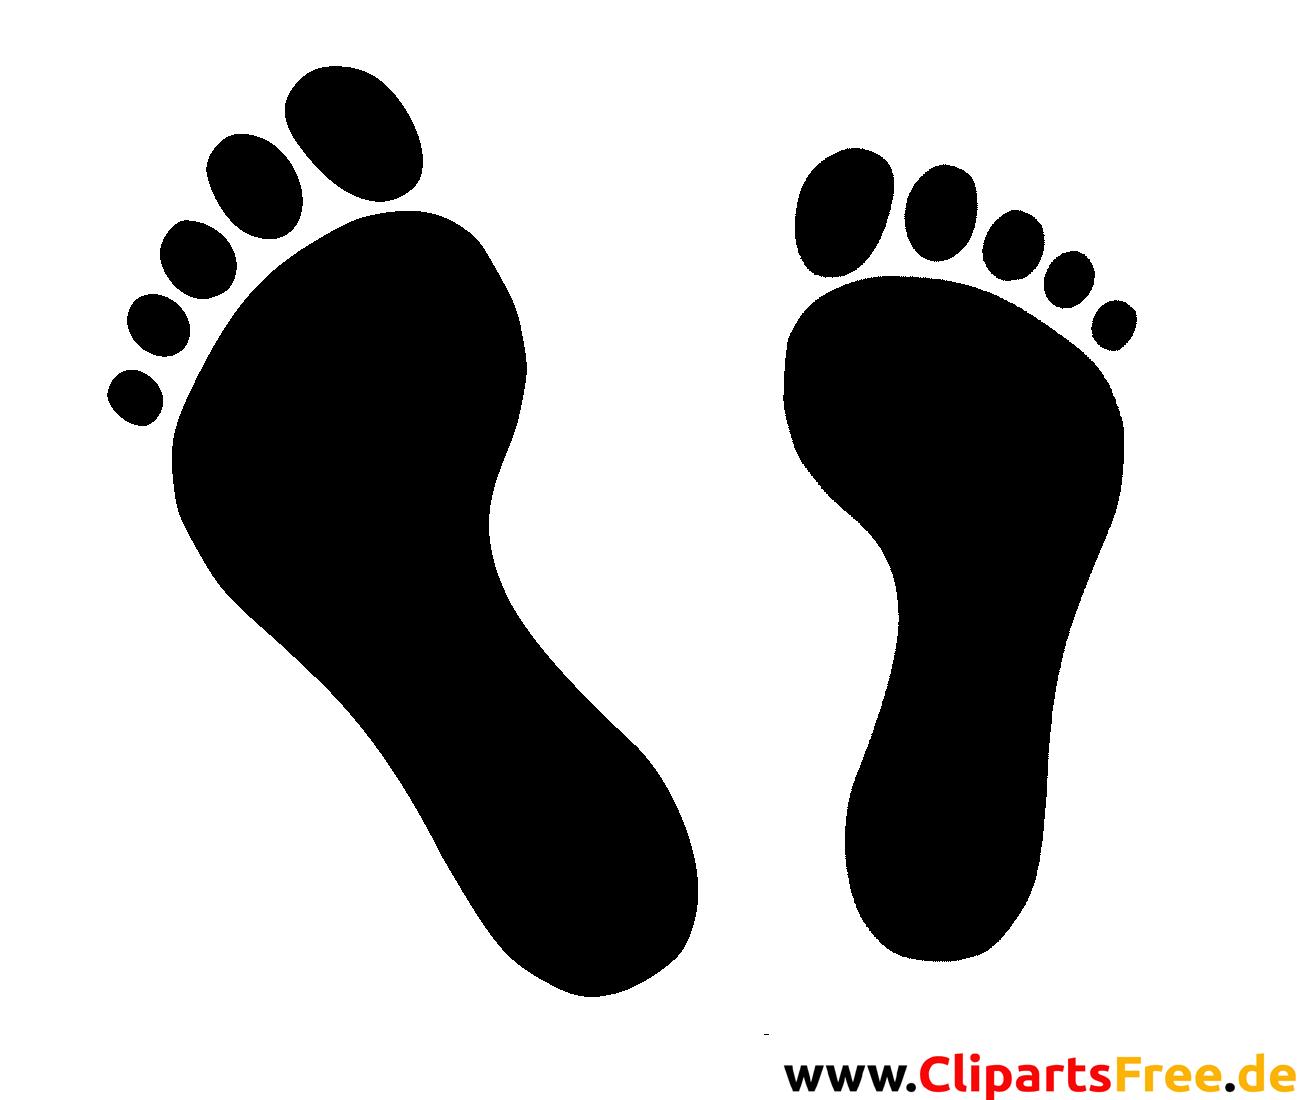 fussabdr cke clipart bild grafik silhouette schwarz weiss. Black Bedroom Furniture Sets. Home Design Ideas